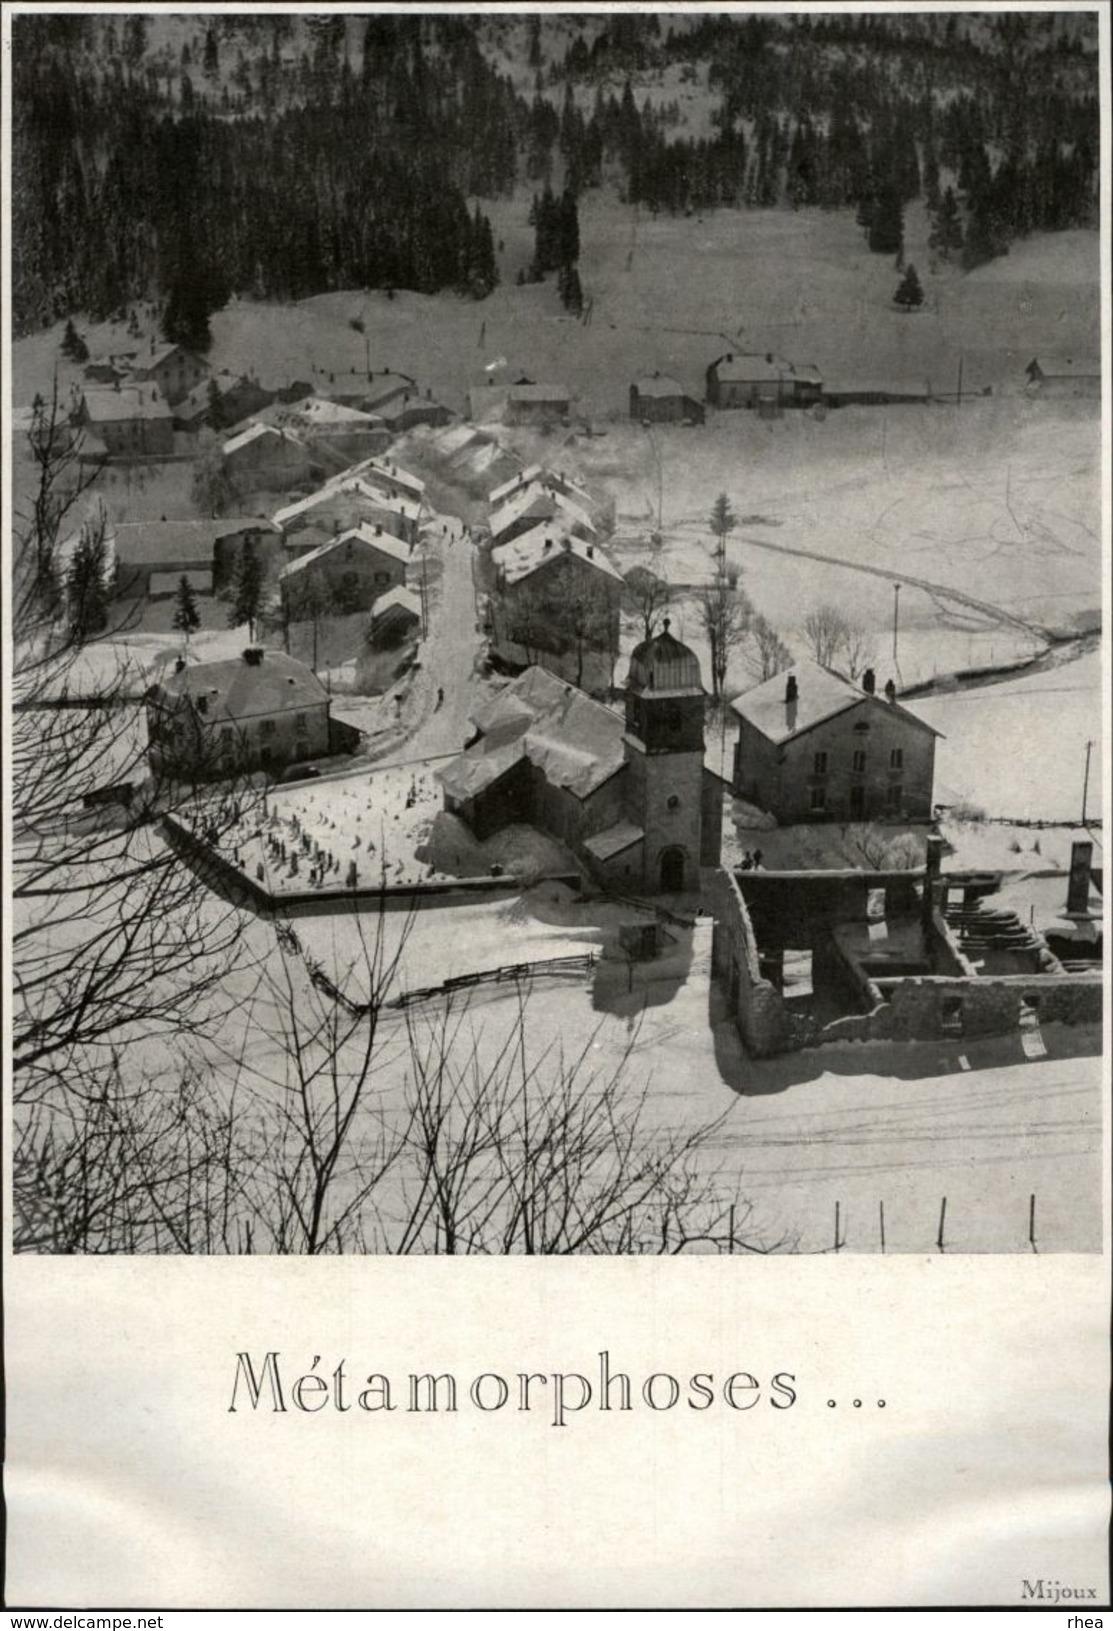 01 - MIJOUX - 2 Images Issues D'une Revue De 1946 Collées Sur Canson Noir - Métamorphoses D'un Village - Vieux Papiers